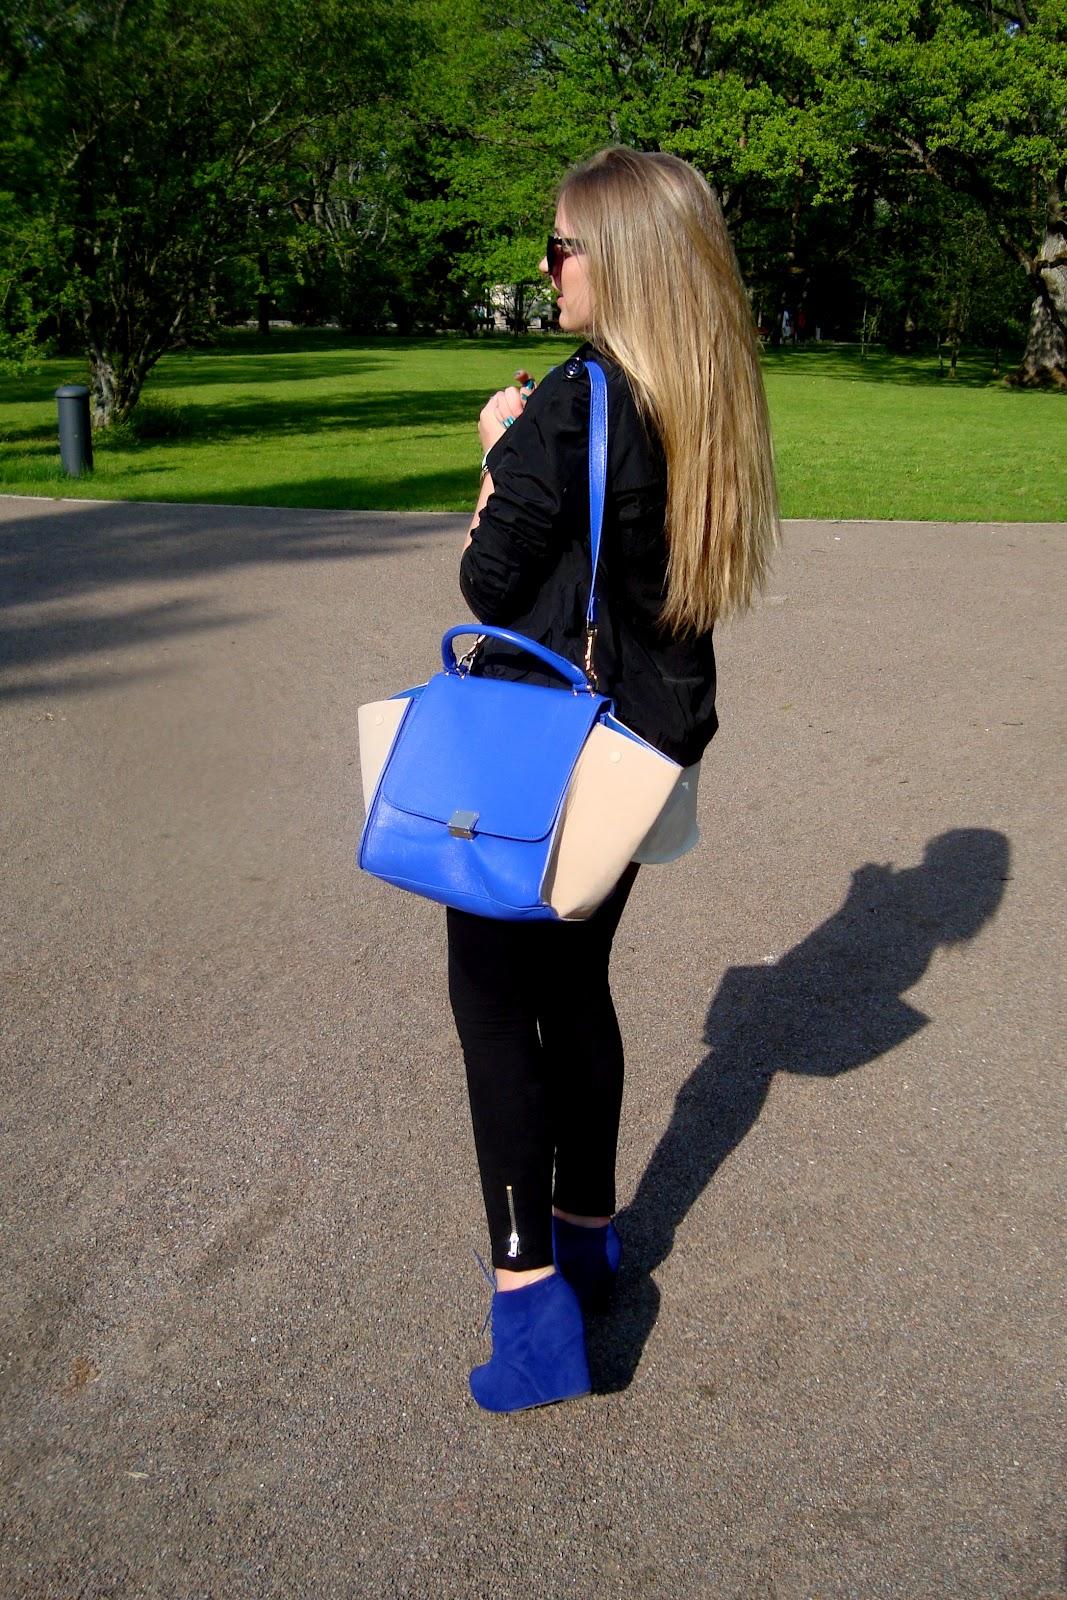 2Way Contrast Color Luggage Tote - OASAP.com